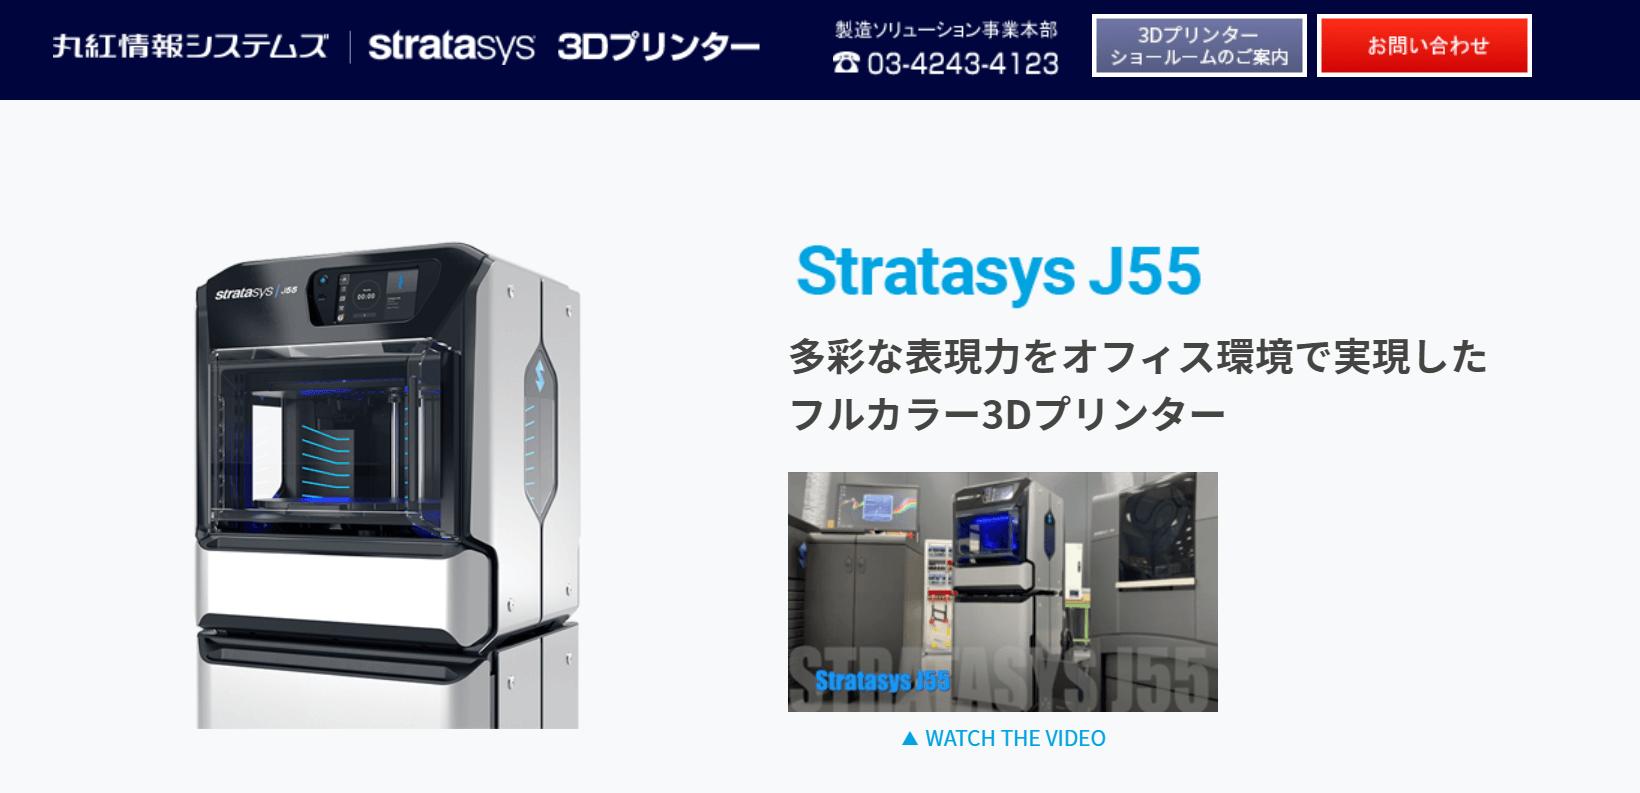 ストラタシス社製PolyJet方式3Dプリンター Stratasys J55